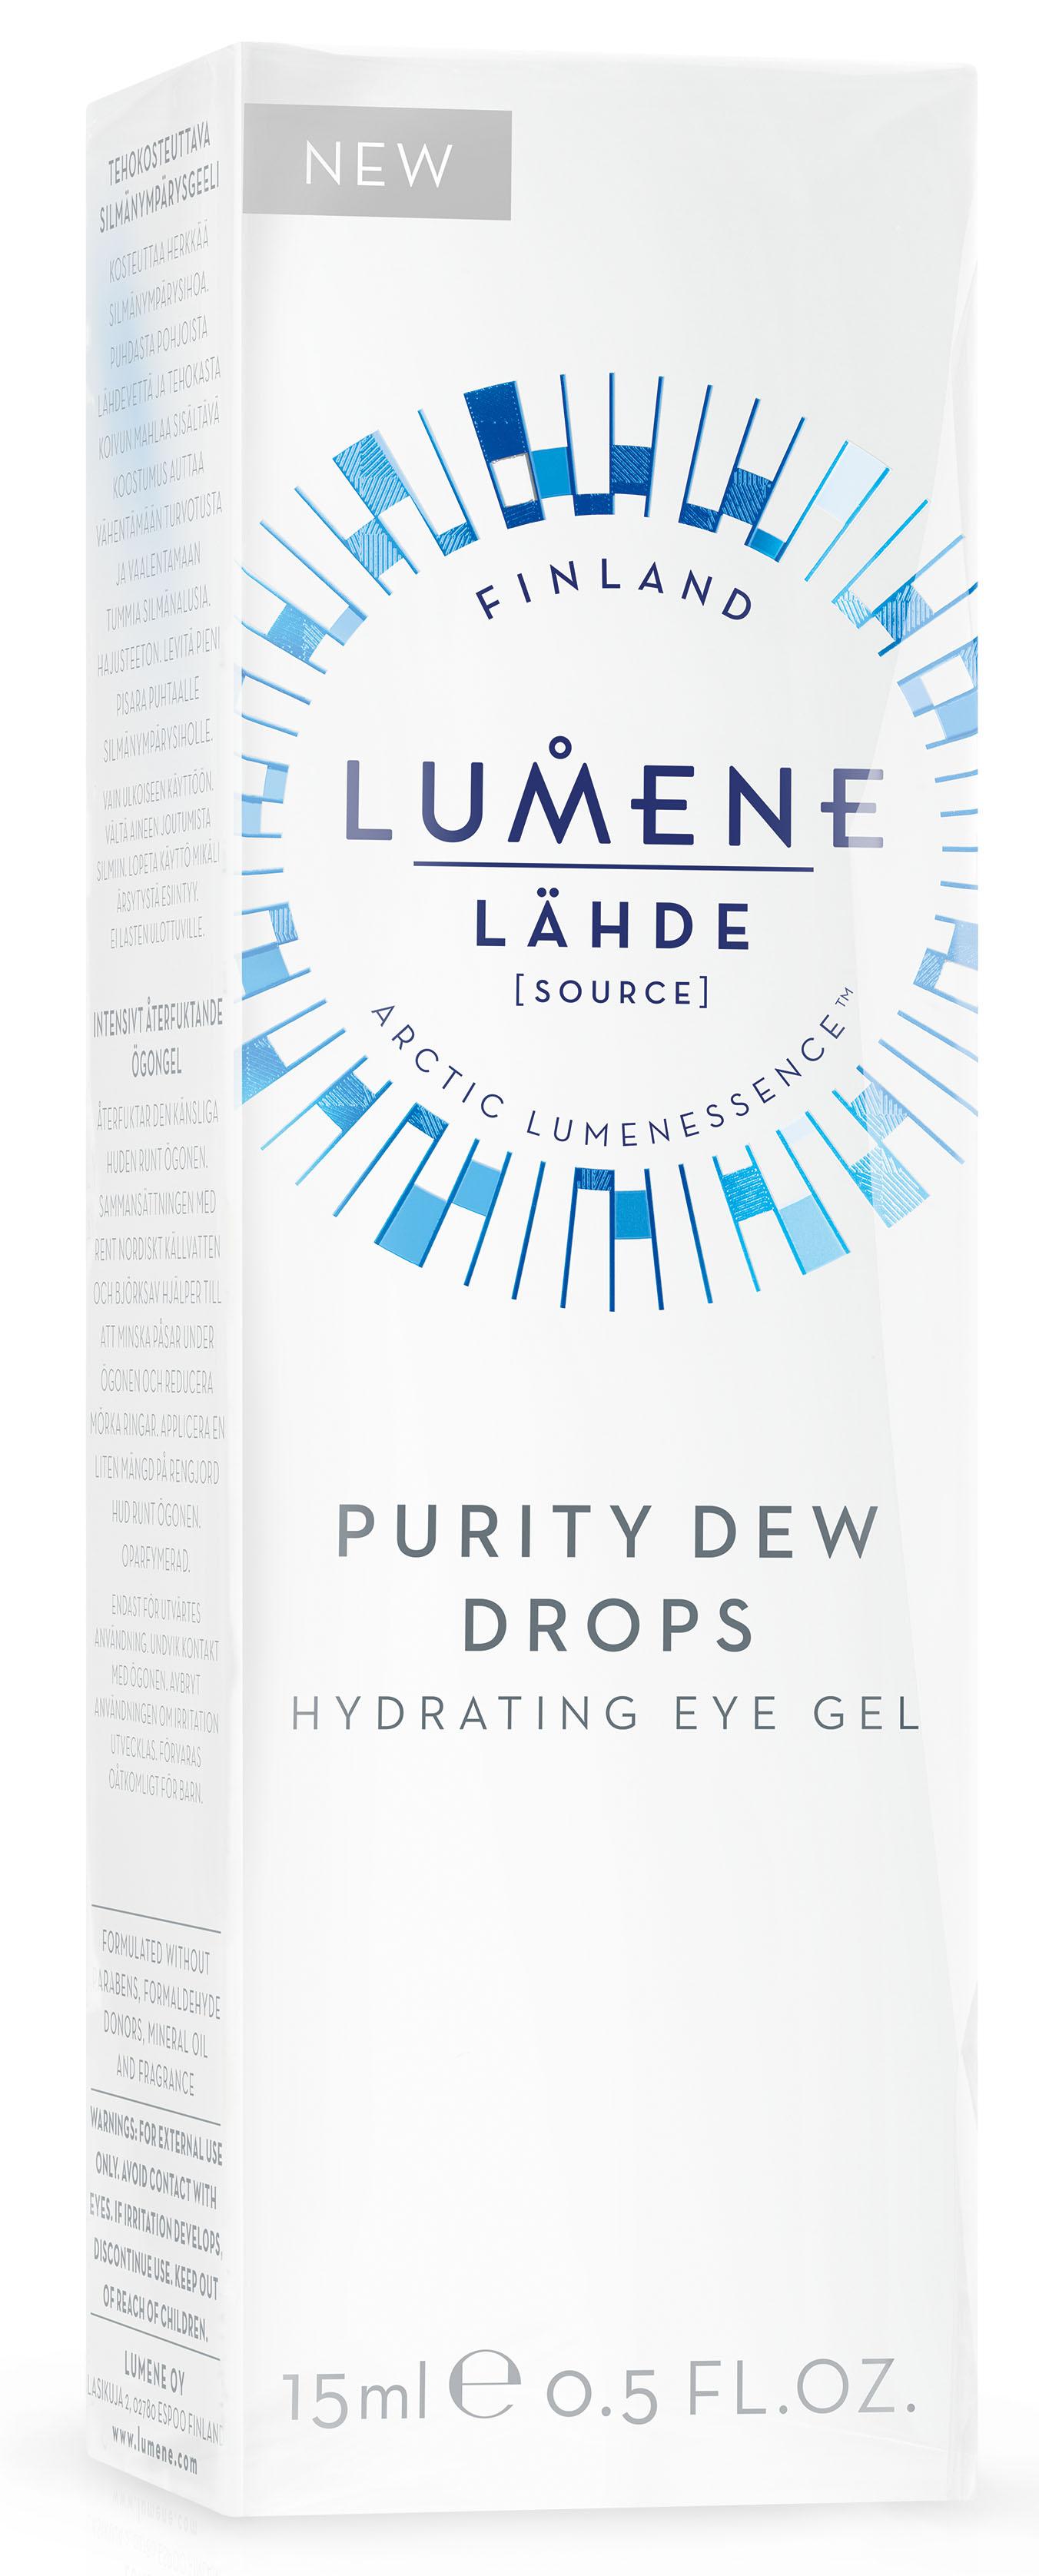 Lumene Lahde Увлажняющий гель для области вокруг глаз, 15 млNL580-80321Средство без отдушек сокращает темные круги под глазами, открывая естественное сияние вашей красоты. Действие природных ингредиентов геля усилено особой увлажняющей технологией, обеспечивающей непрерывное увлажнение в течение дня. Провитамин B5 заботится о нежной области вокруг глаз, а натуральный березовый сок и чистейшая арктическая родниковая вода мягко увлажняют, мгновенно придавая коже здоровый вид.